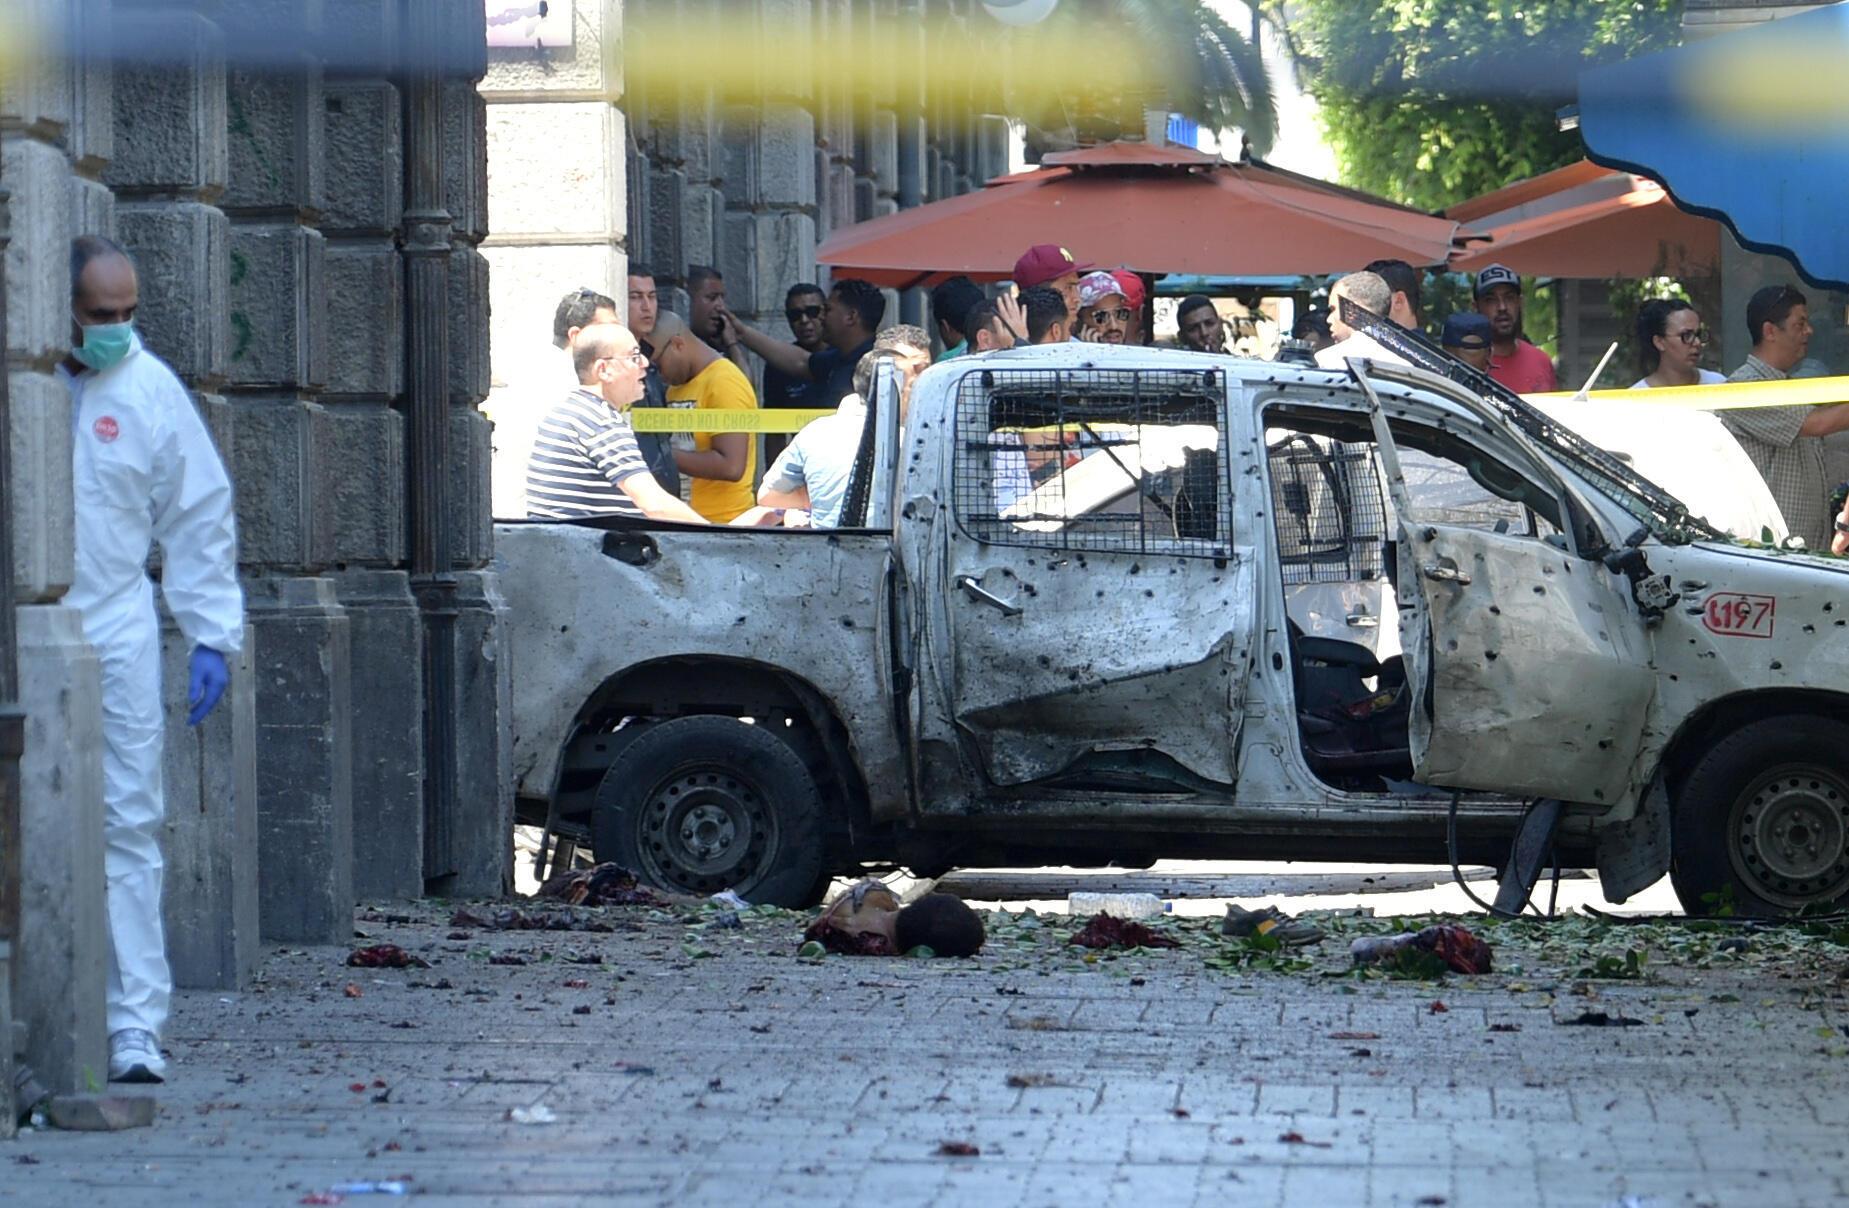 Une voiture criblée de balles et en partie calcinée dans le centre de Tunis, ce jeudi 27 juin 2019.